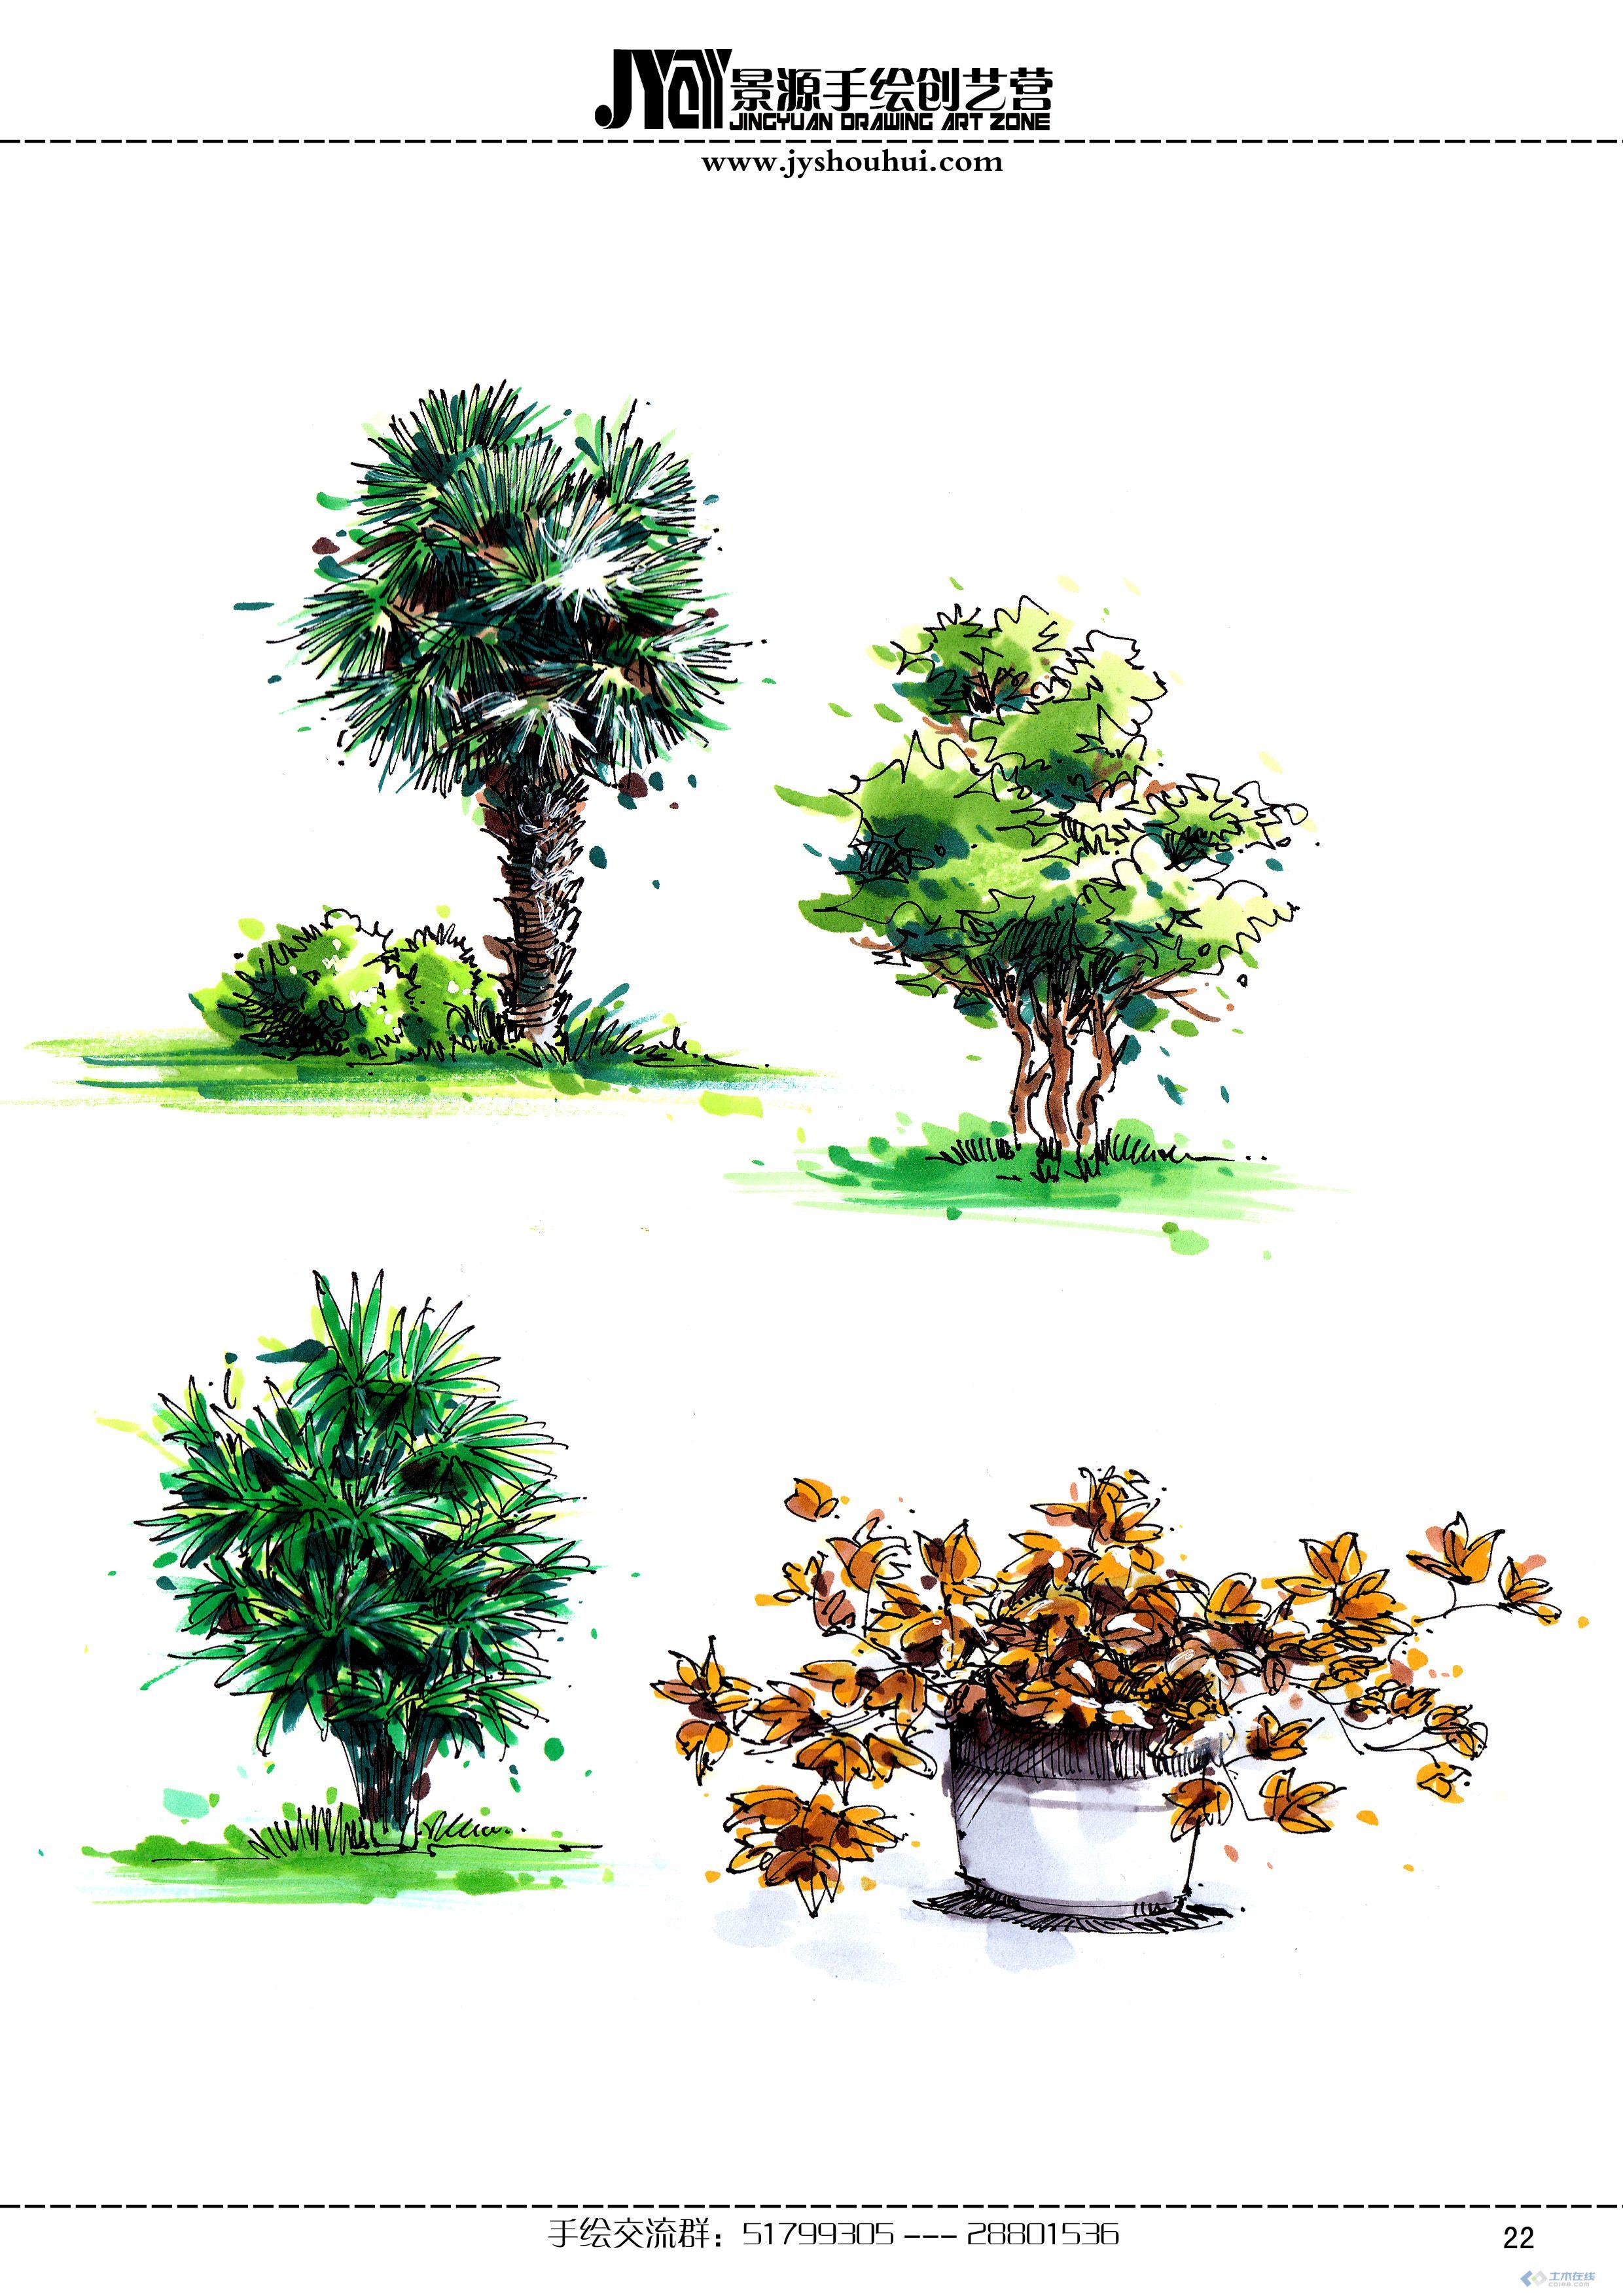 园林绿化 景观效果图 【分享】爆!景源手绘创艺营最新最佳马克笔 .